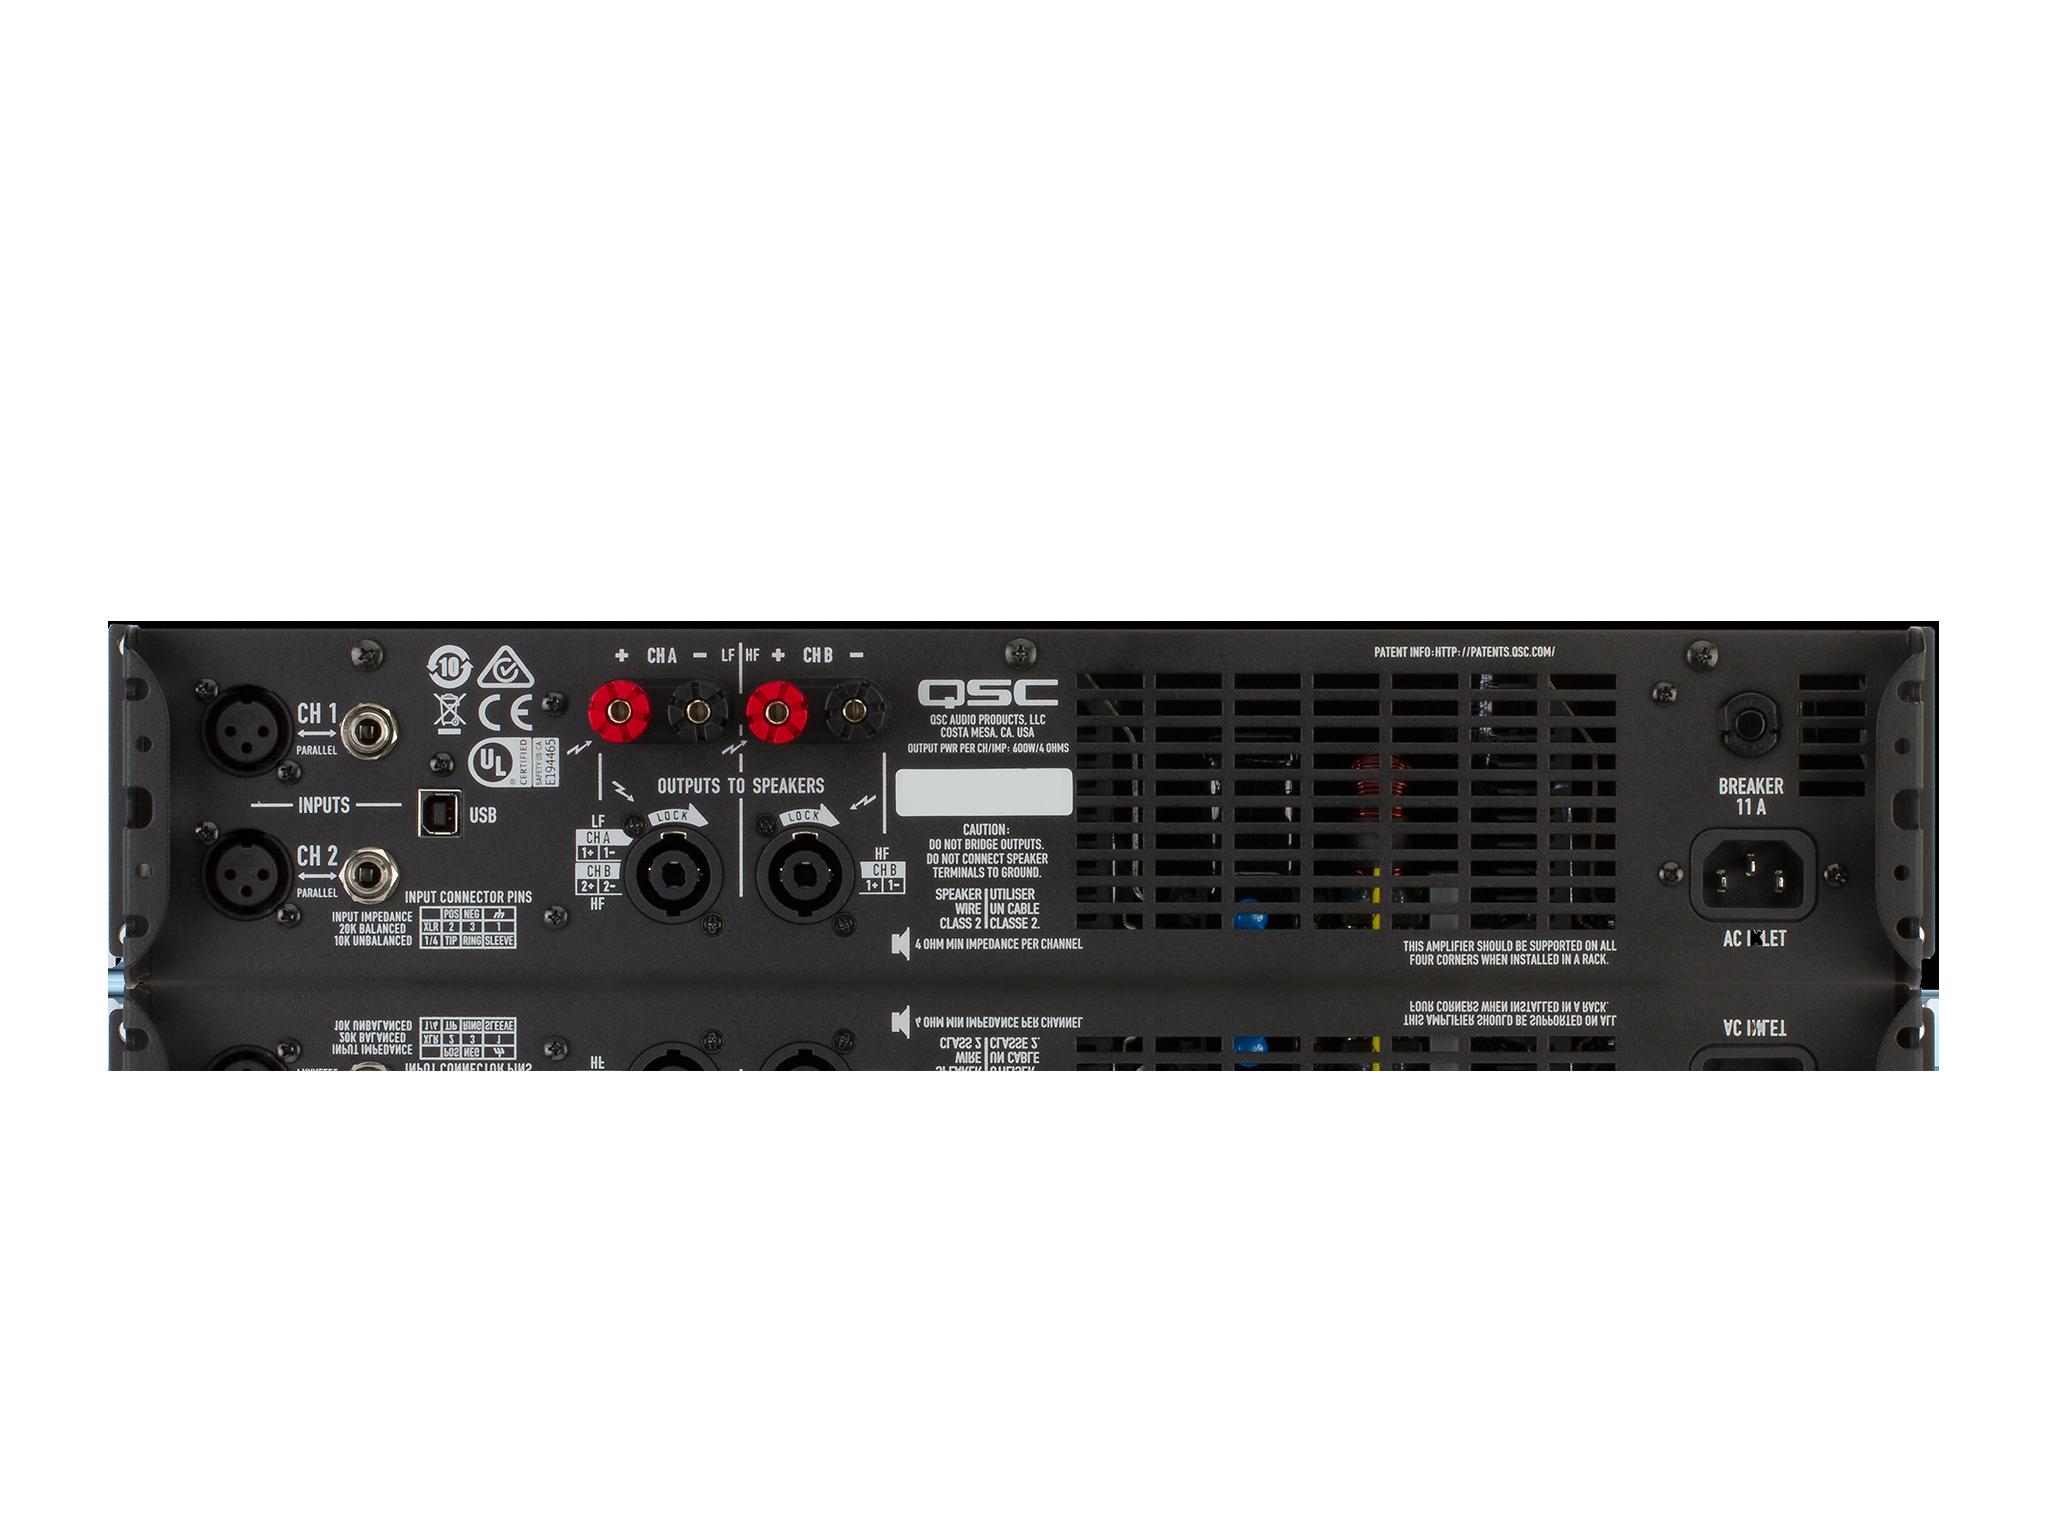 Gxd 4 Professional Power Amplifier 800 Watt Wiring Kit Gxd4